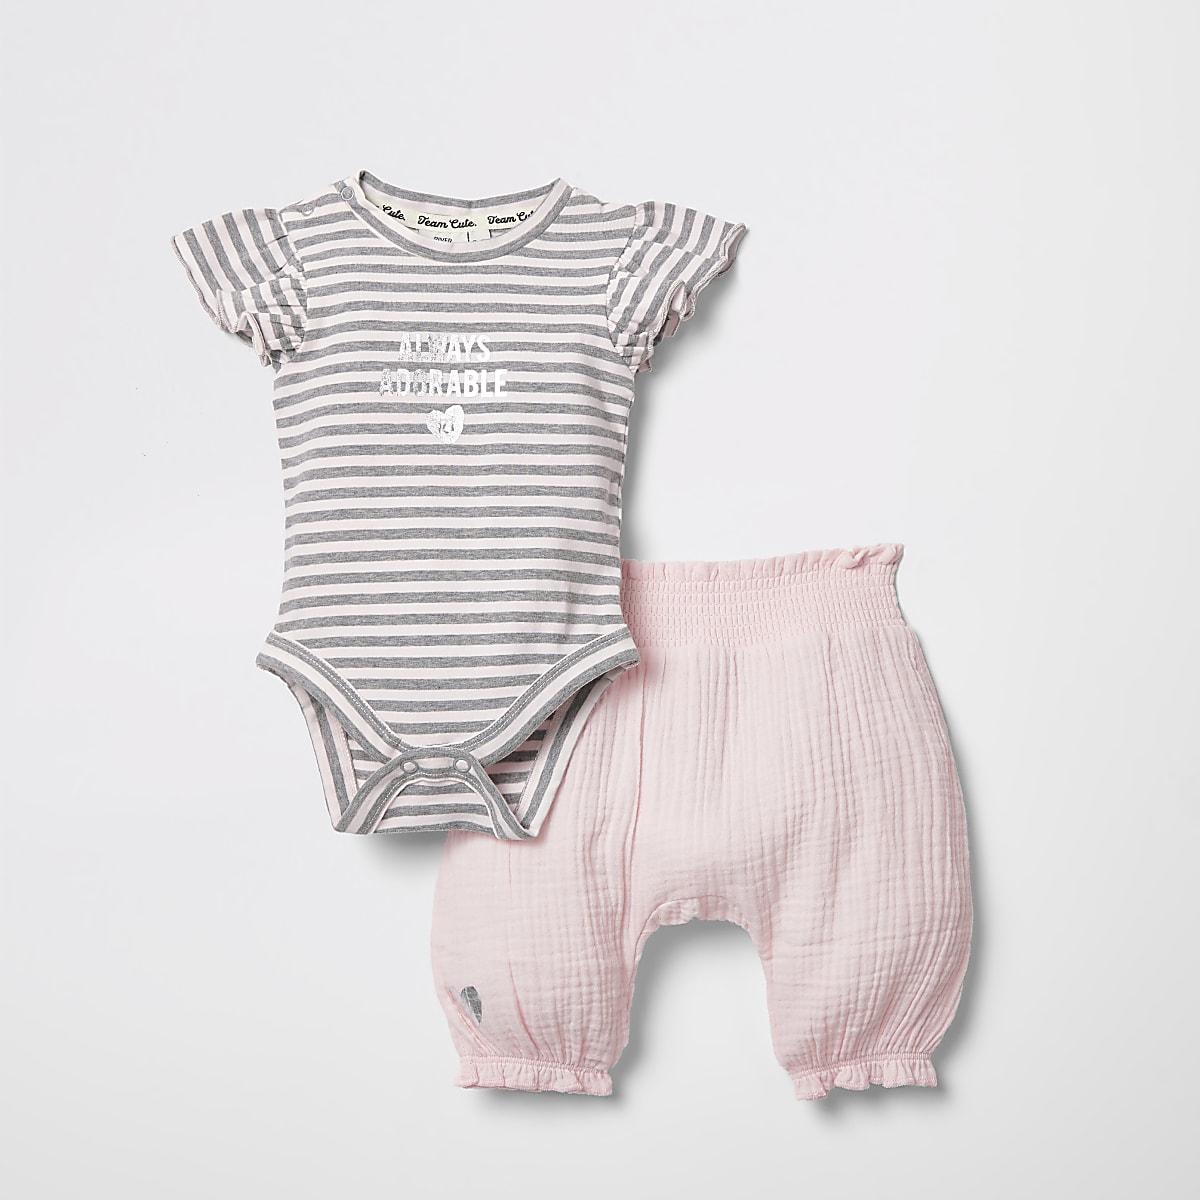 Outfit met roze gestreepte babygrow broek voor baby's